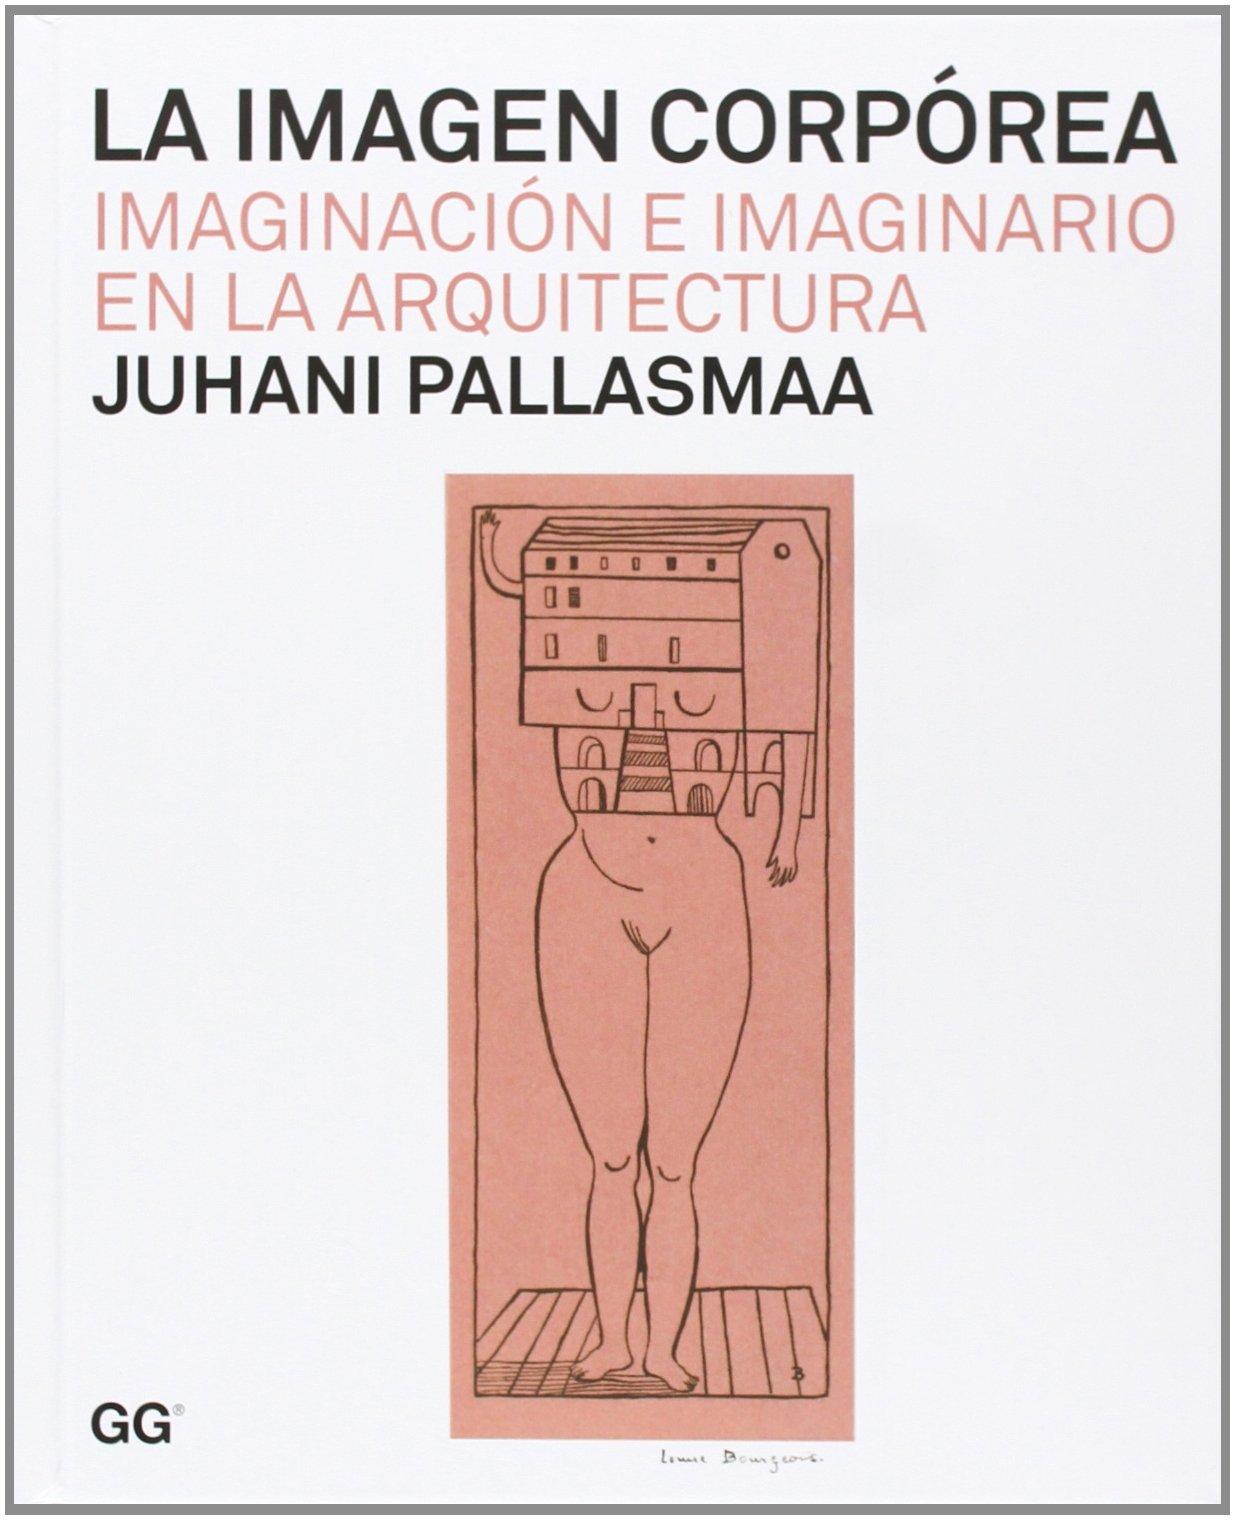 La imagen corpórea: Imaginación e imaginario en la arquitectura Tapa dura – 31 ene 2014 Juhani Pallasmaa Carles Muro Soler Gili 8425226252